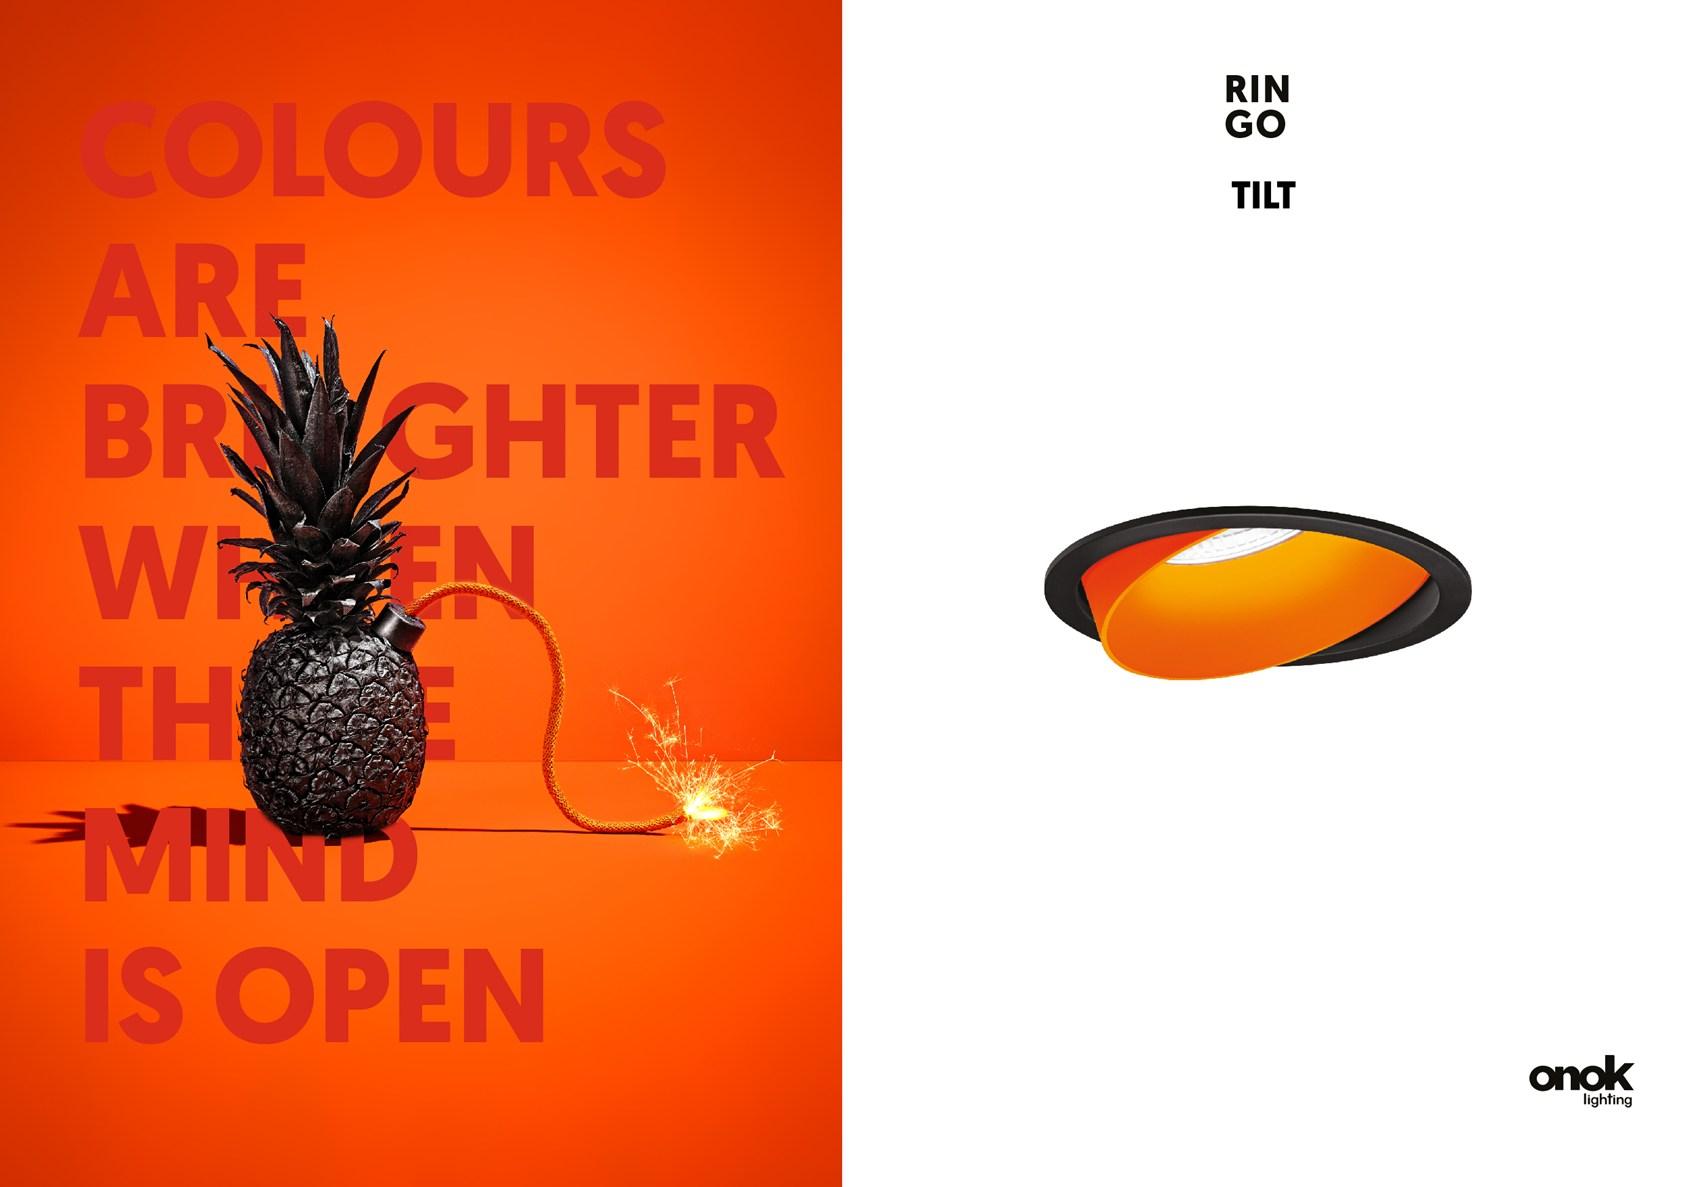 fotografia-producto_lamparas_fotografo-de-producto_publicidad_ambientes_catalogo_luz_iluminacion_onok_cualiti_03